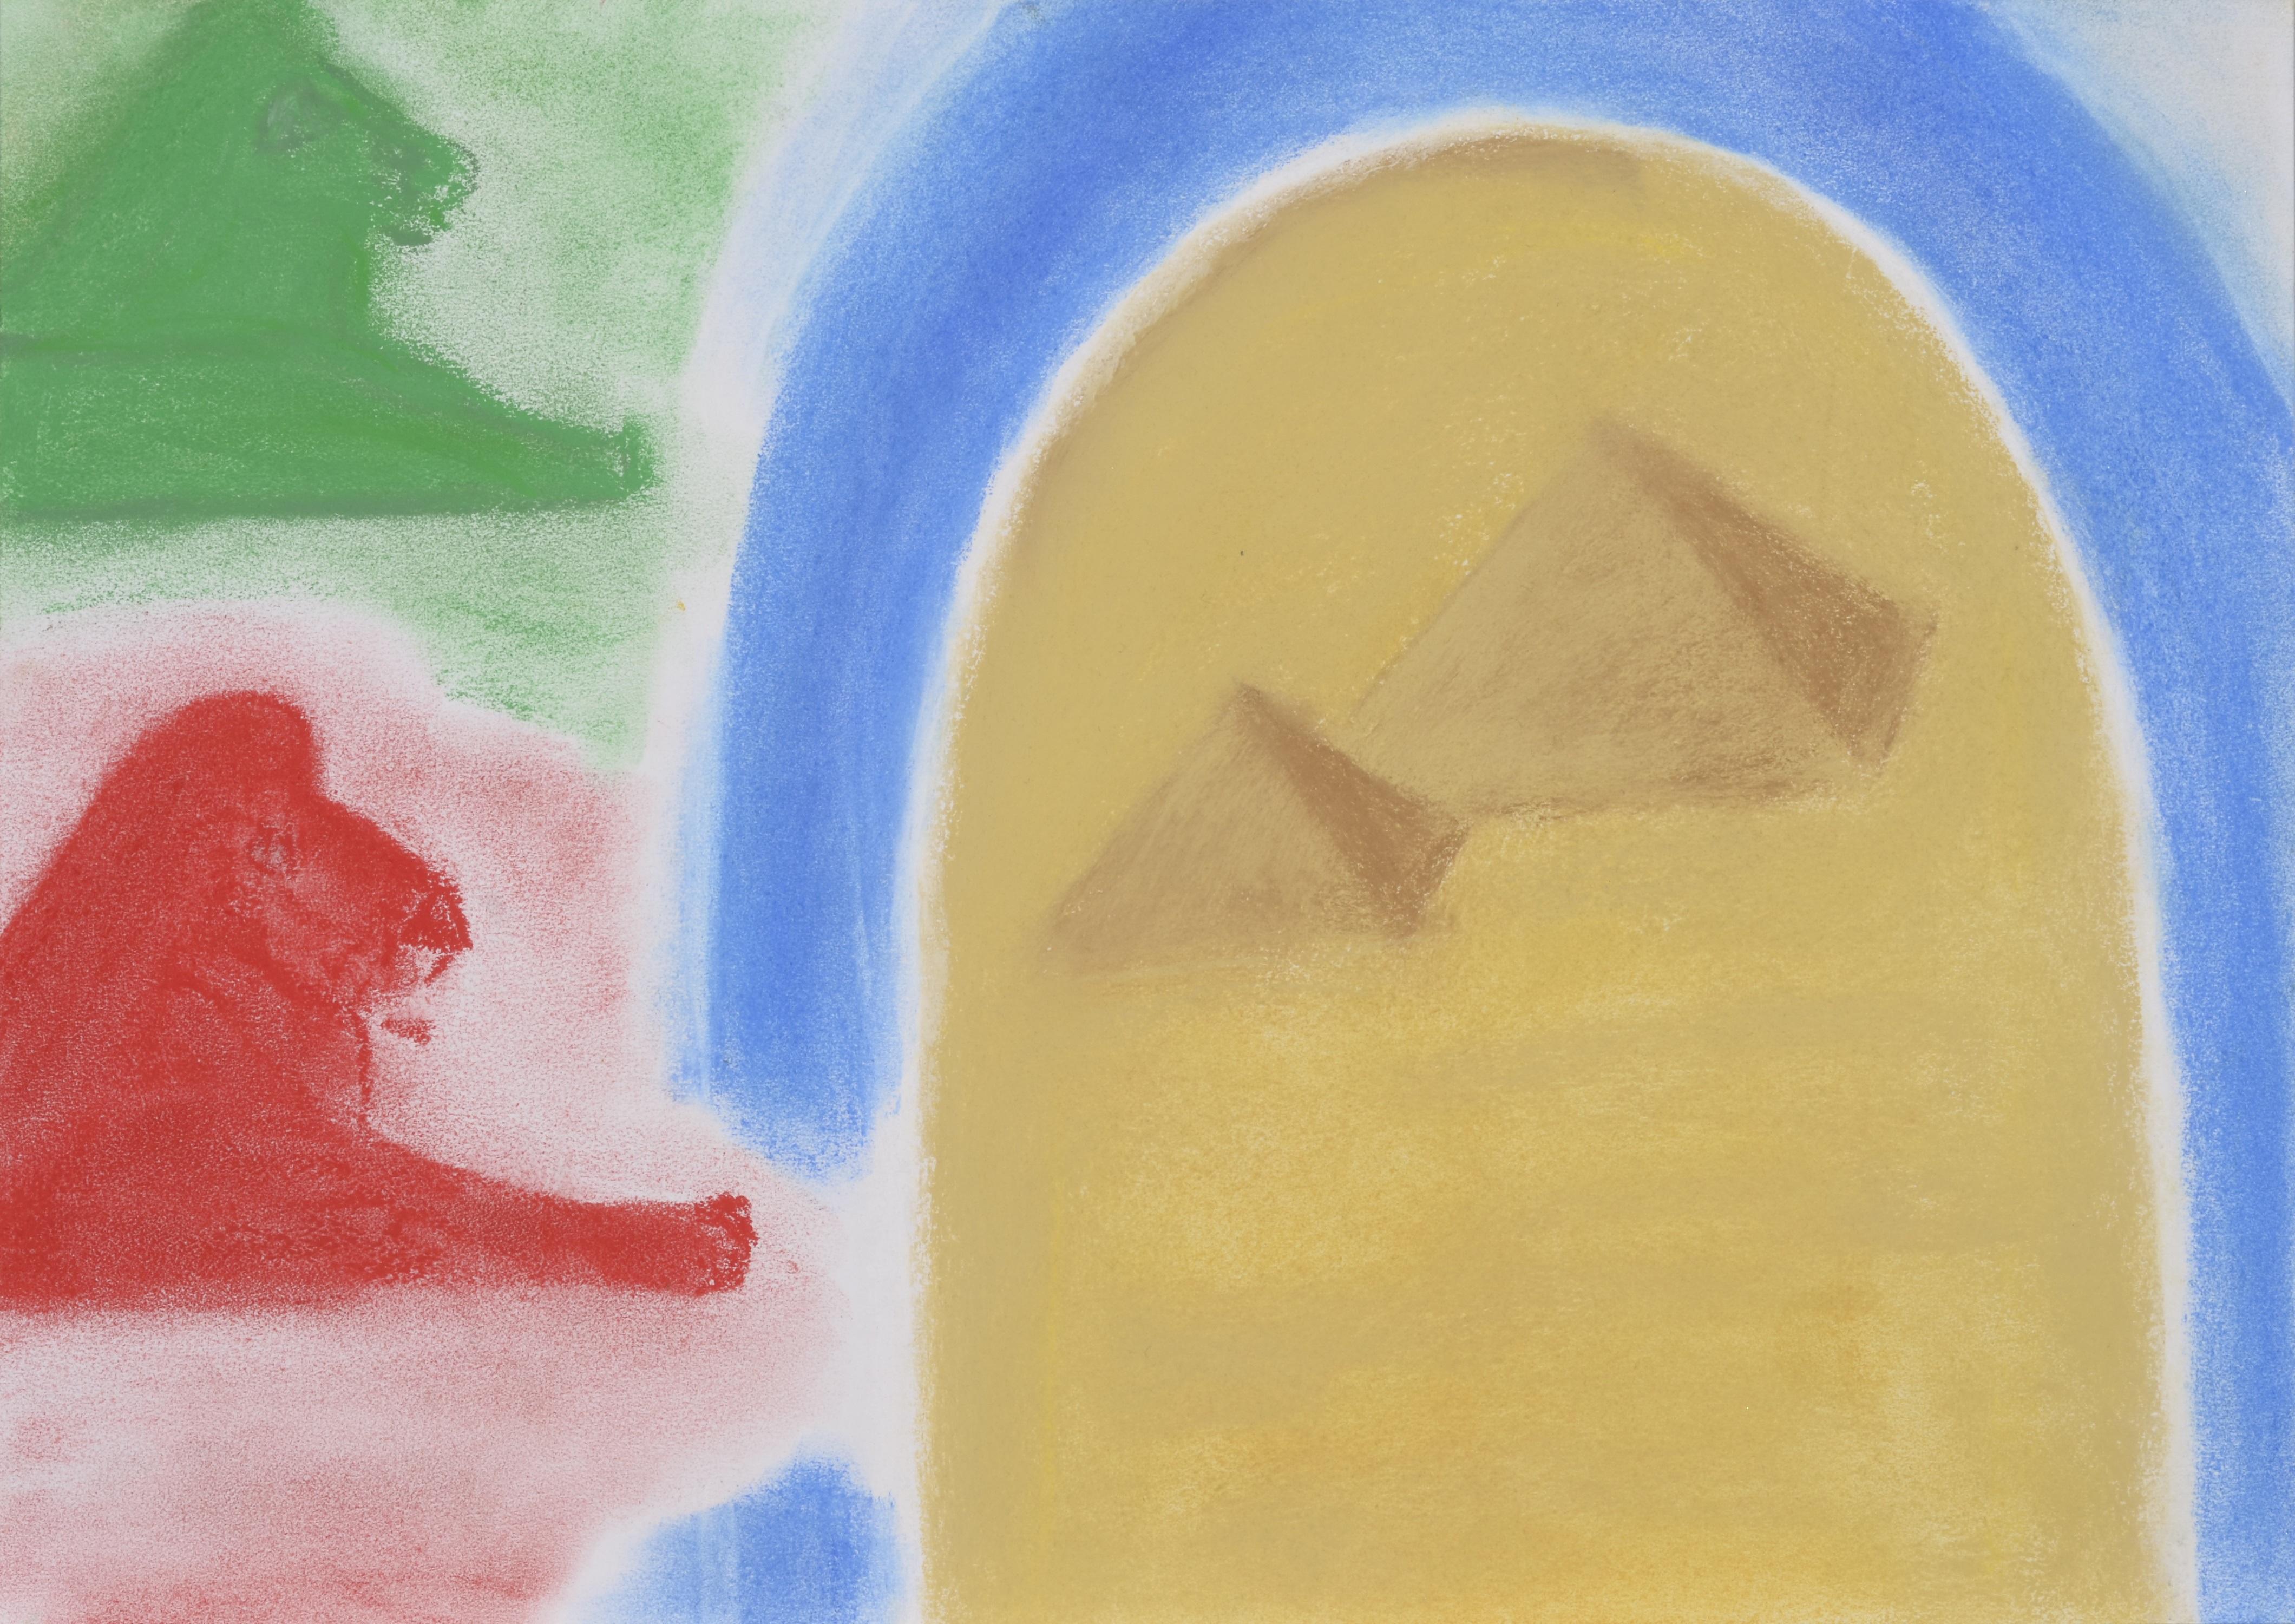 Fotoğraf çöl Renk Aslan Malzeme Boyama Mısır Mezar çocuklar